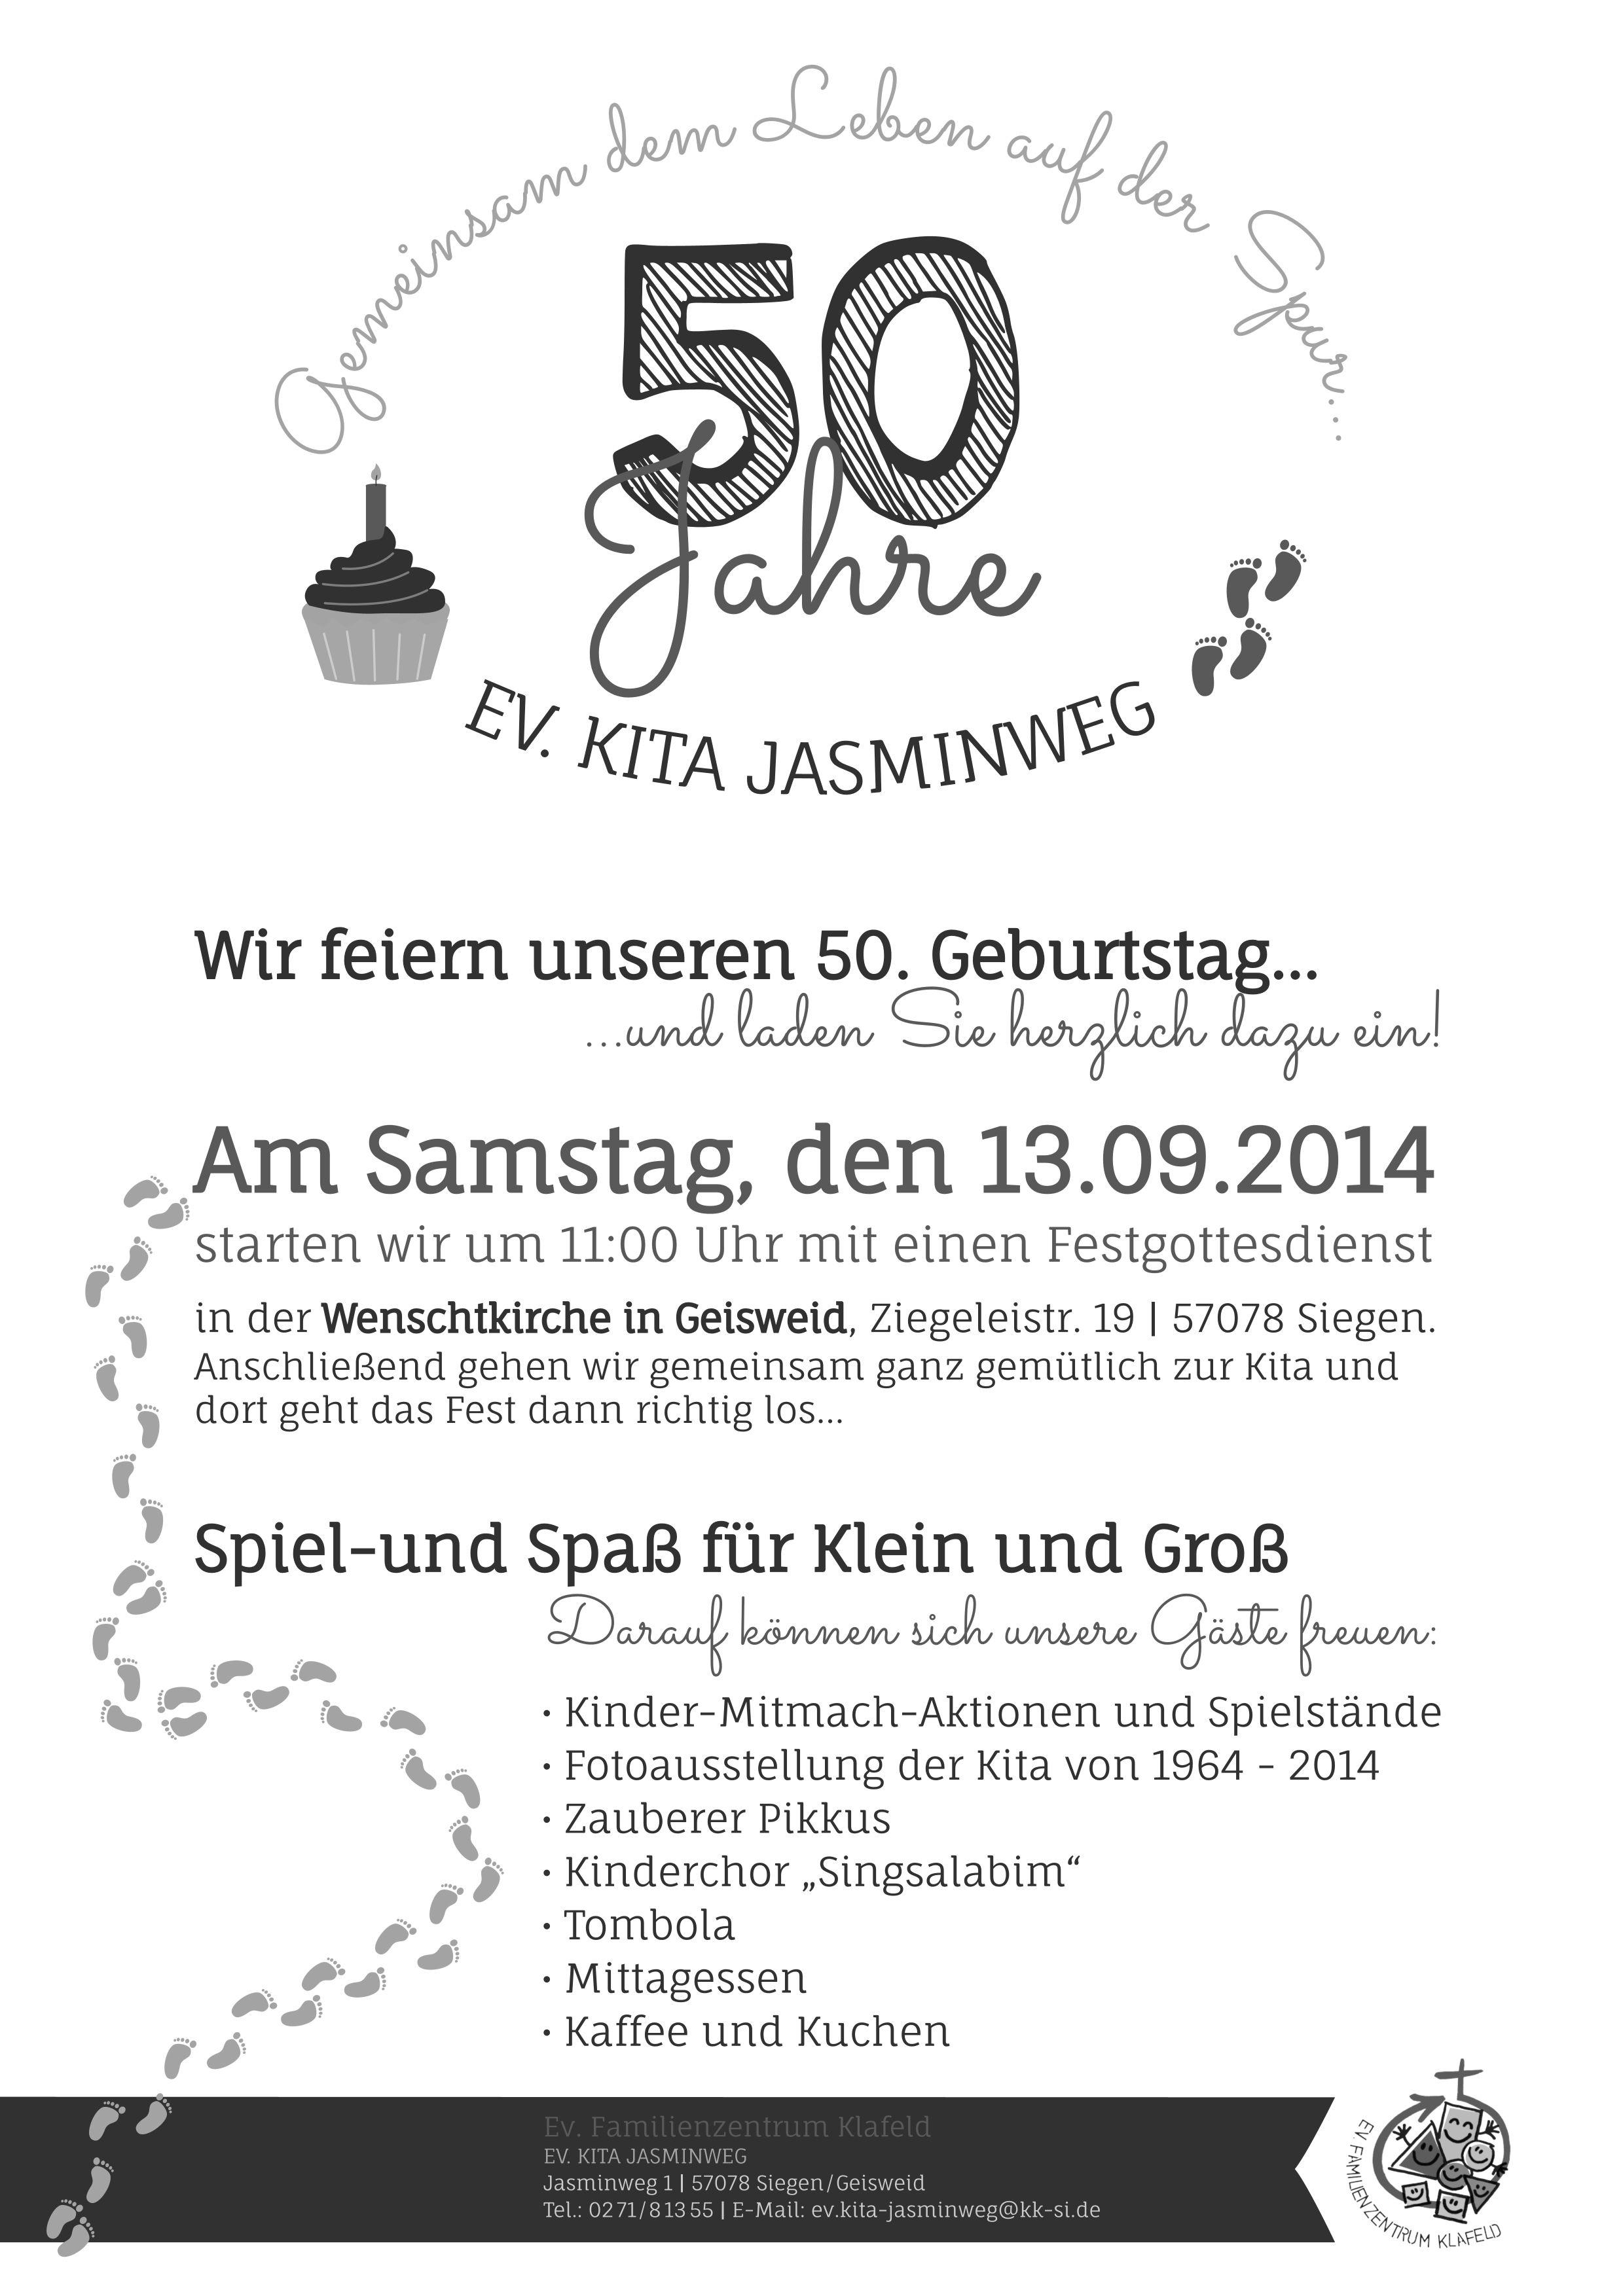 Jubiläum KiTa Jasminweg 2014